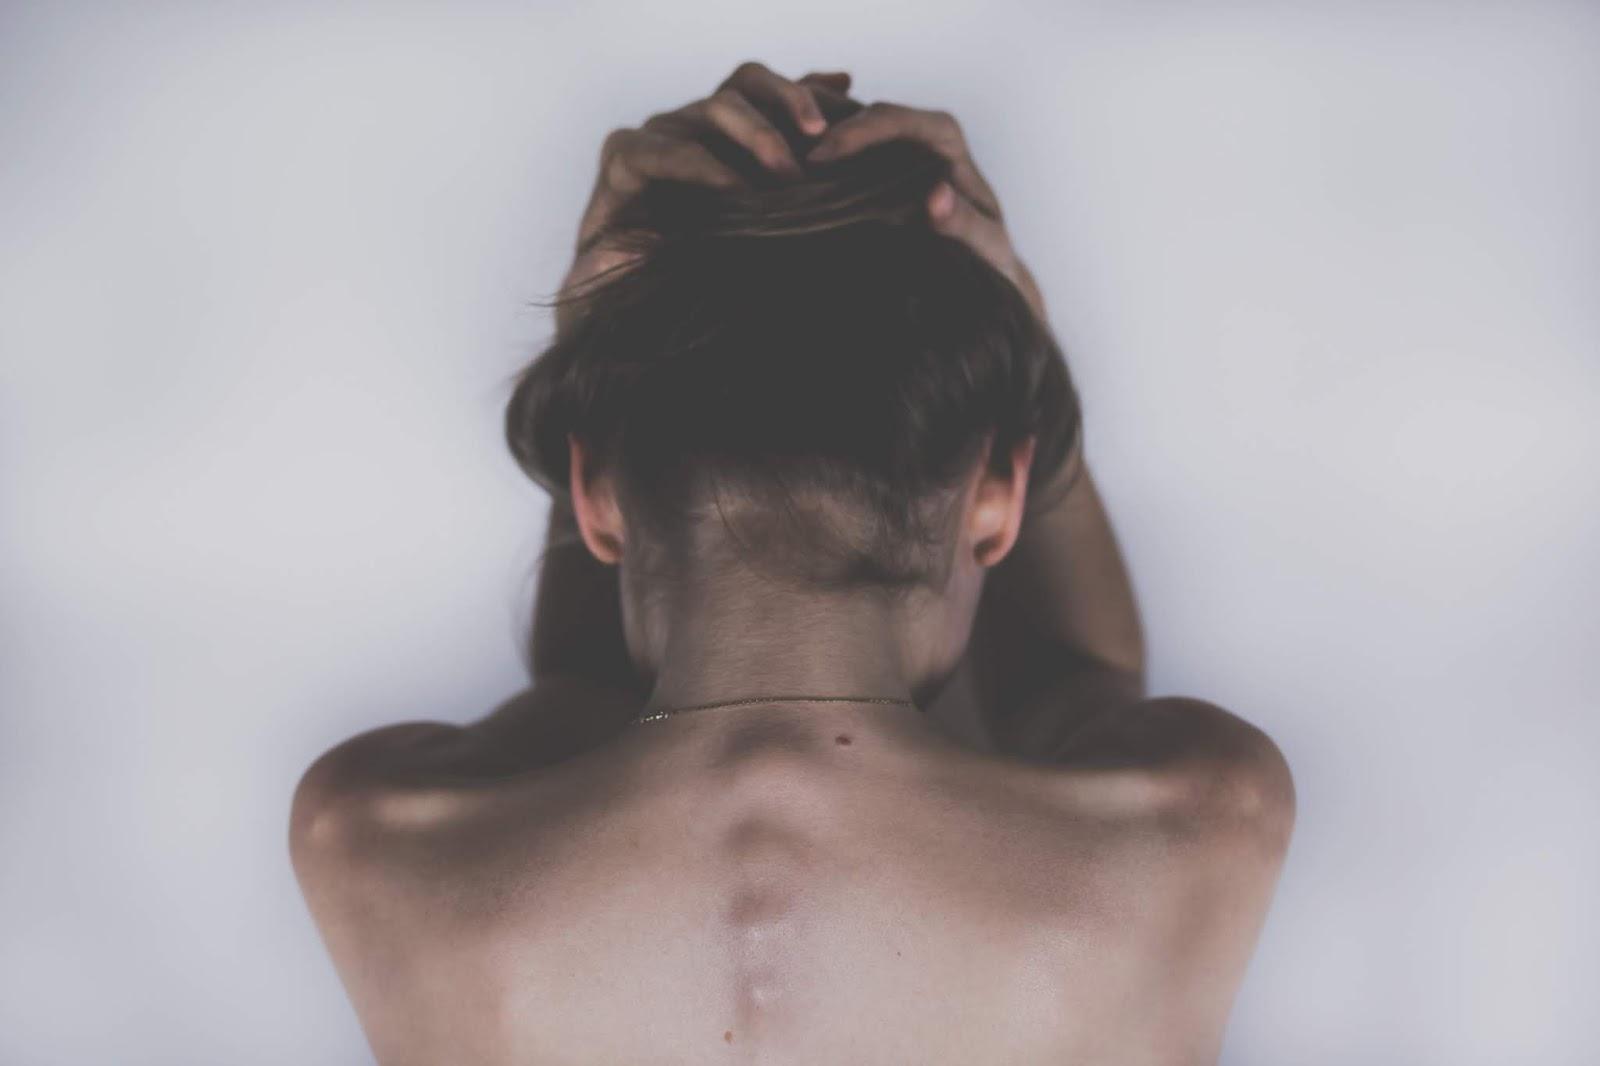 Depressão: um mal silencioso